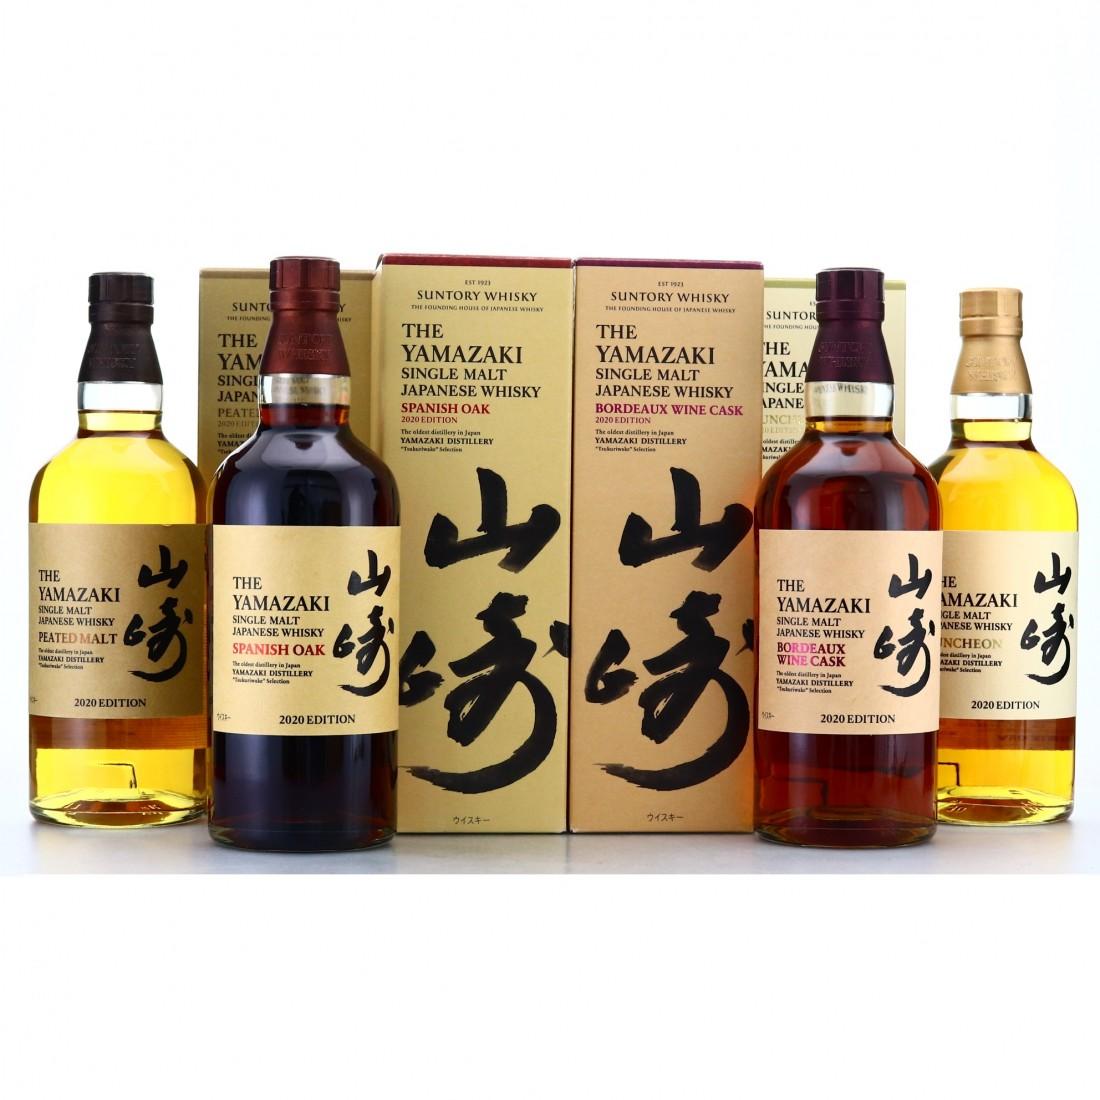 Yamazaki 2020 Editions 4 x 70cl